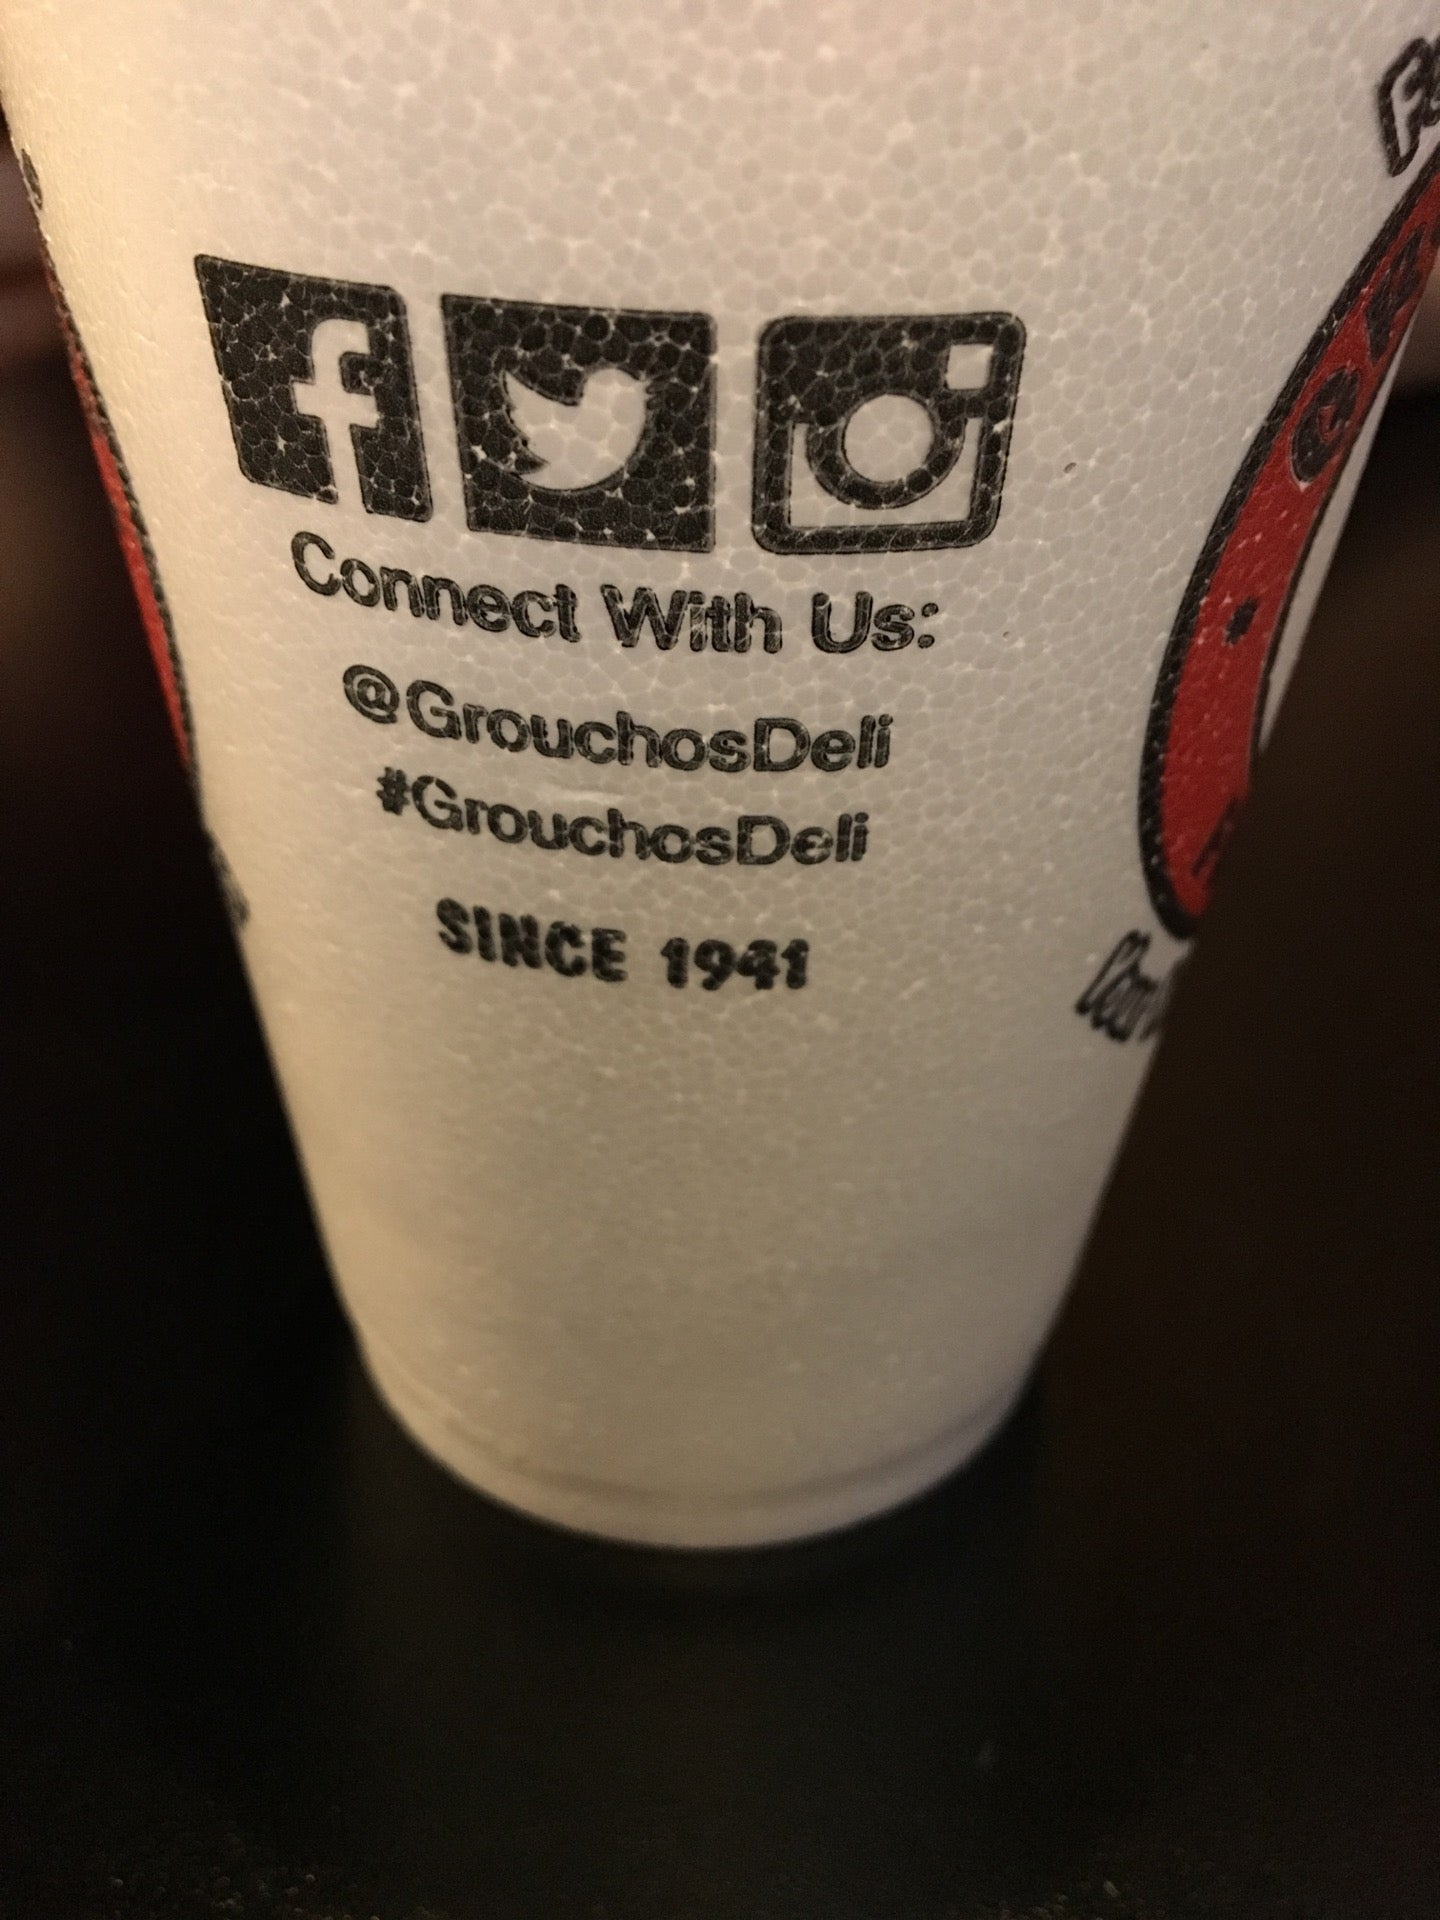 GROUCHO'S DELI,